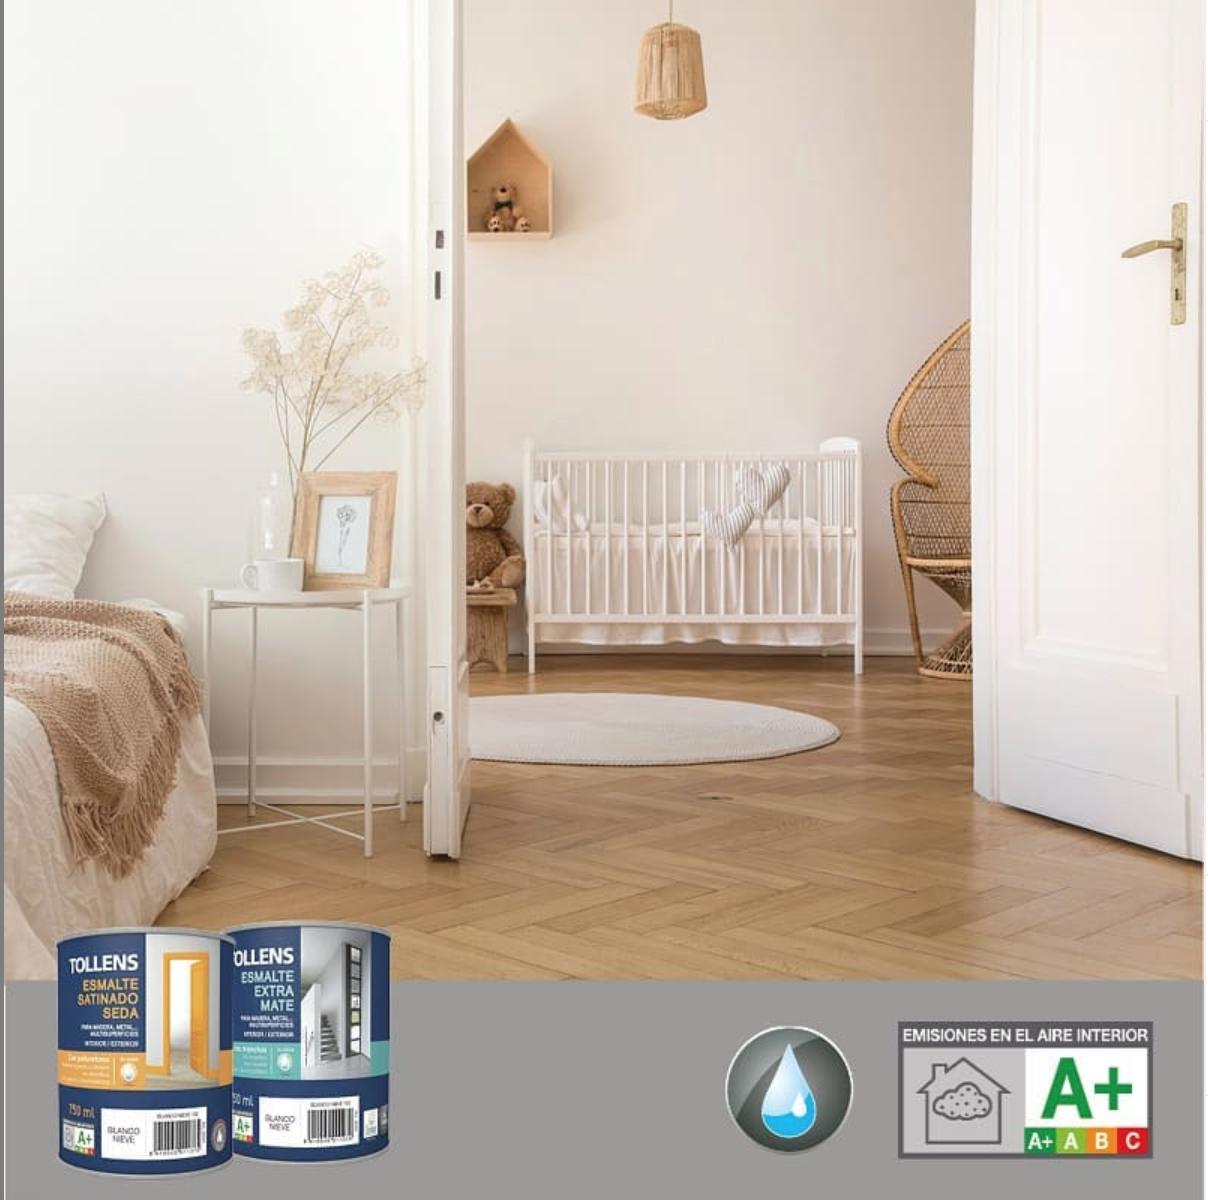 Cómo utilizar la pintura para redecorar tu casa.